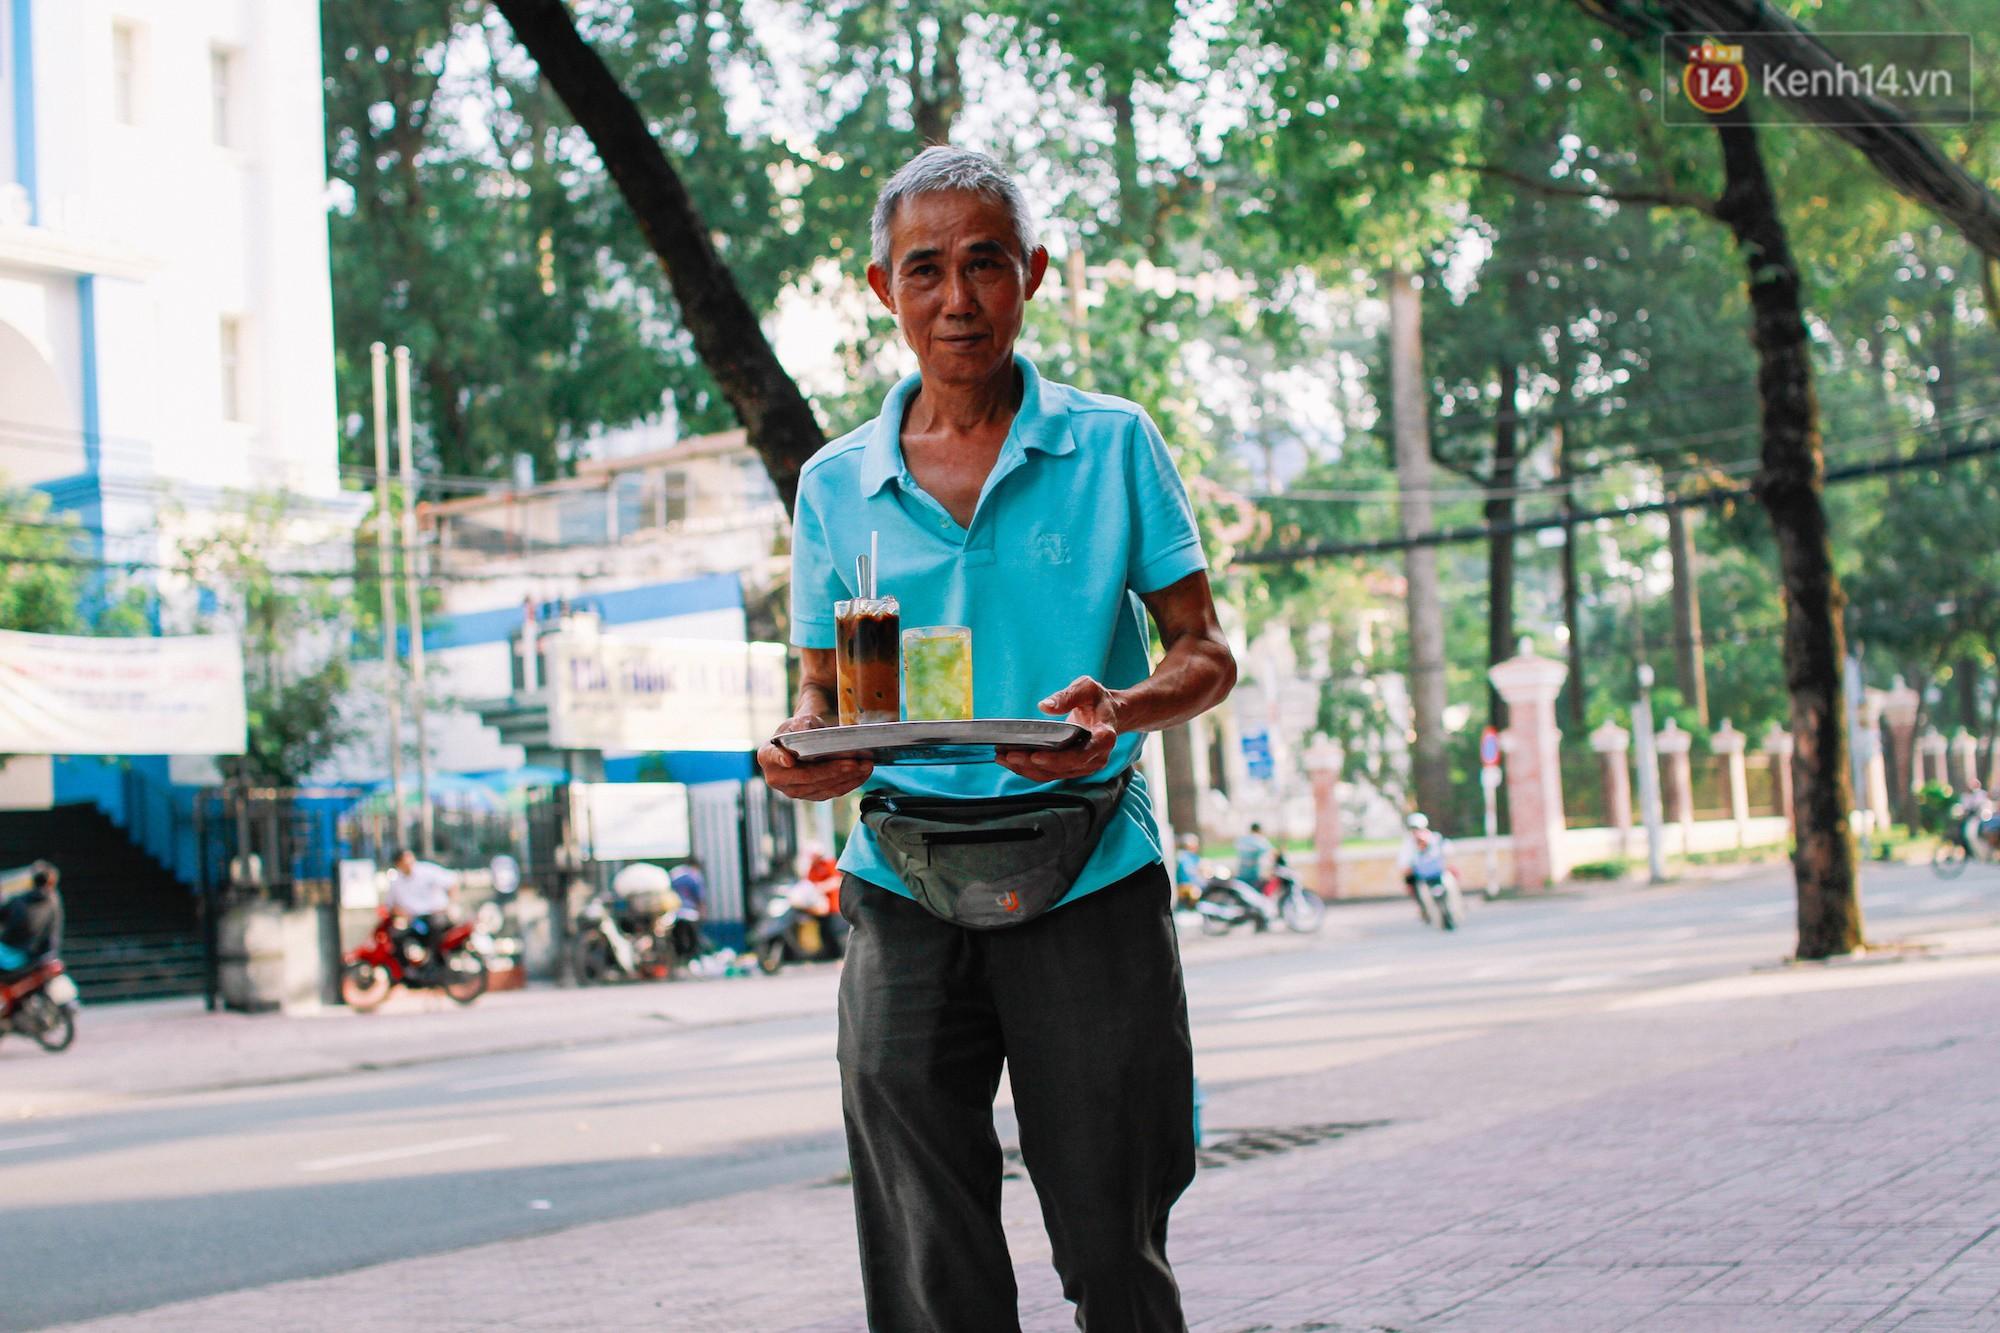 Chùm ảnh: Người Sài Gòn và thói quen uống cafe cóc từ lúc mặt trời chưa ló dạng cho đến chiều tà - Ảnh 9.